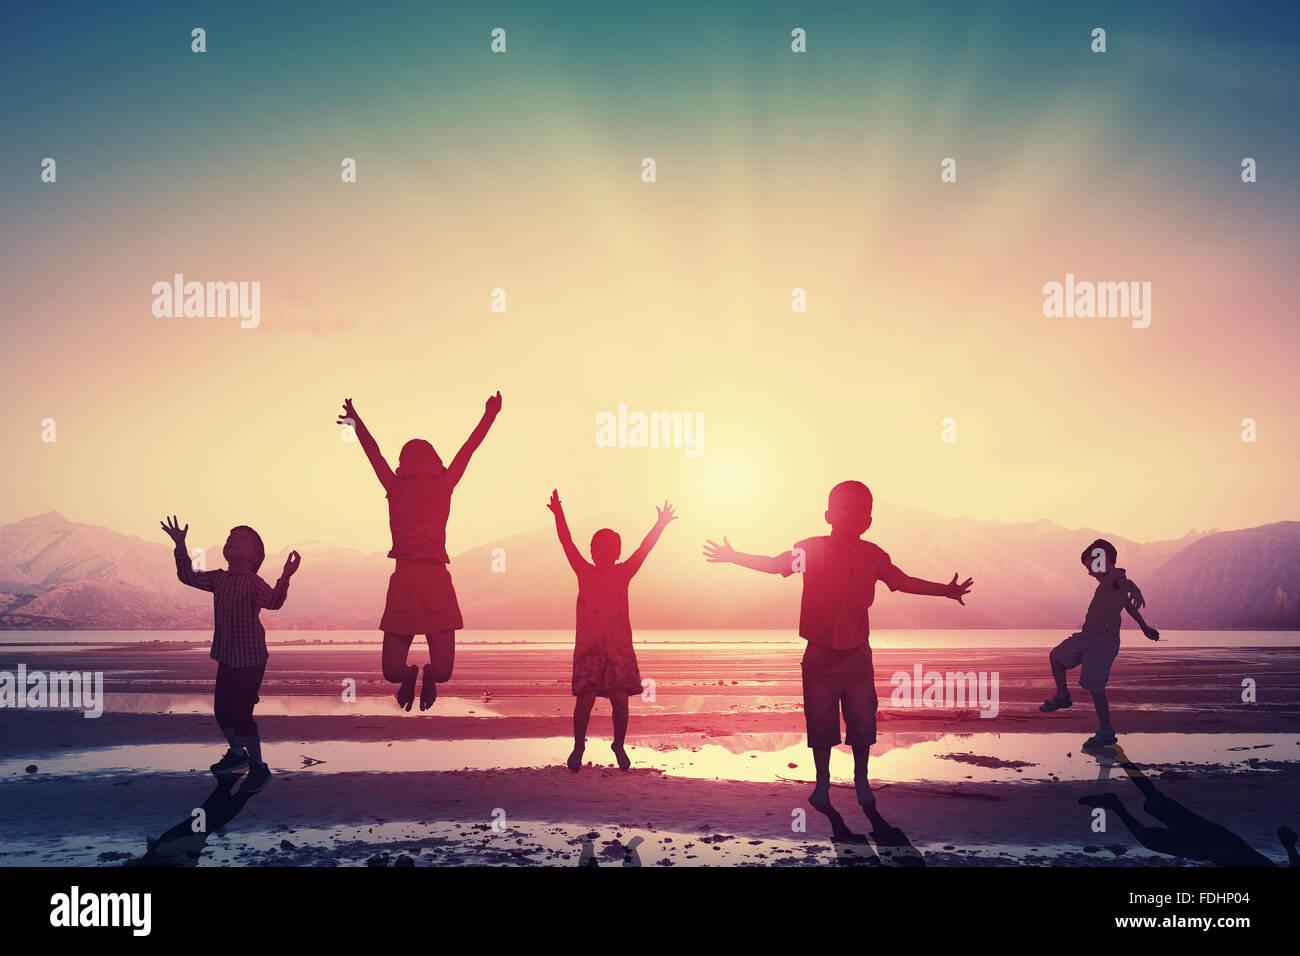 Silhouetten der Kindergruppe springen hoch freudig auf Sonnenuntergang Hintergrund Stockbild